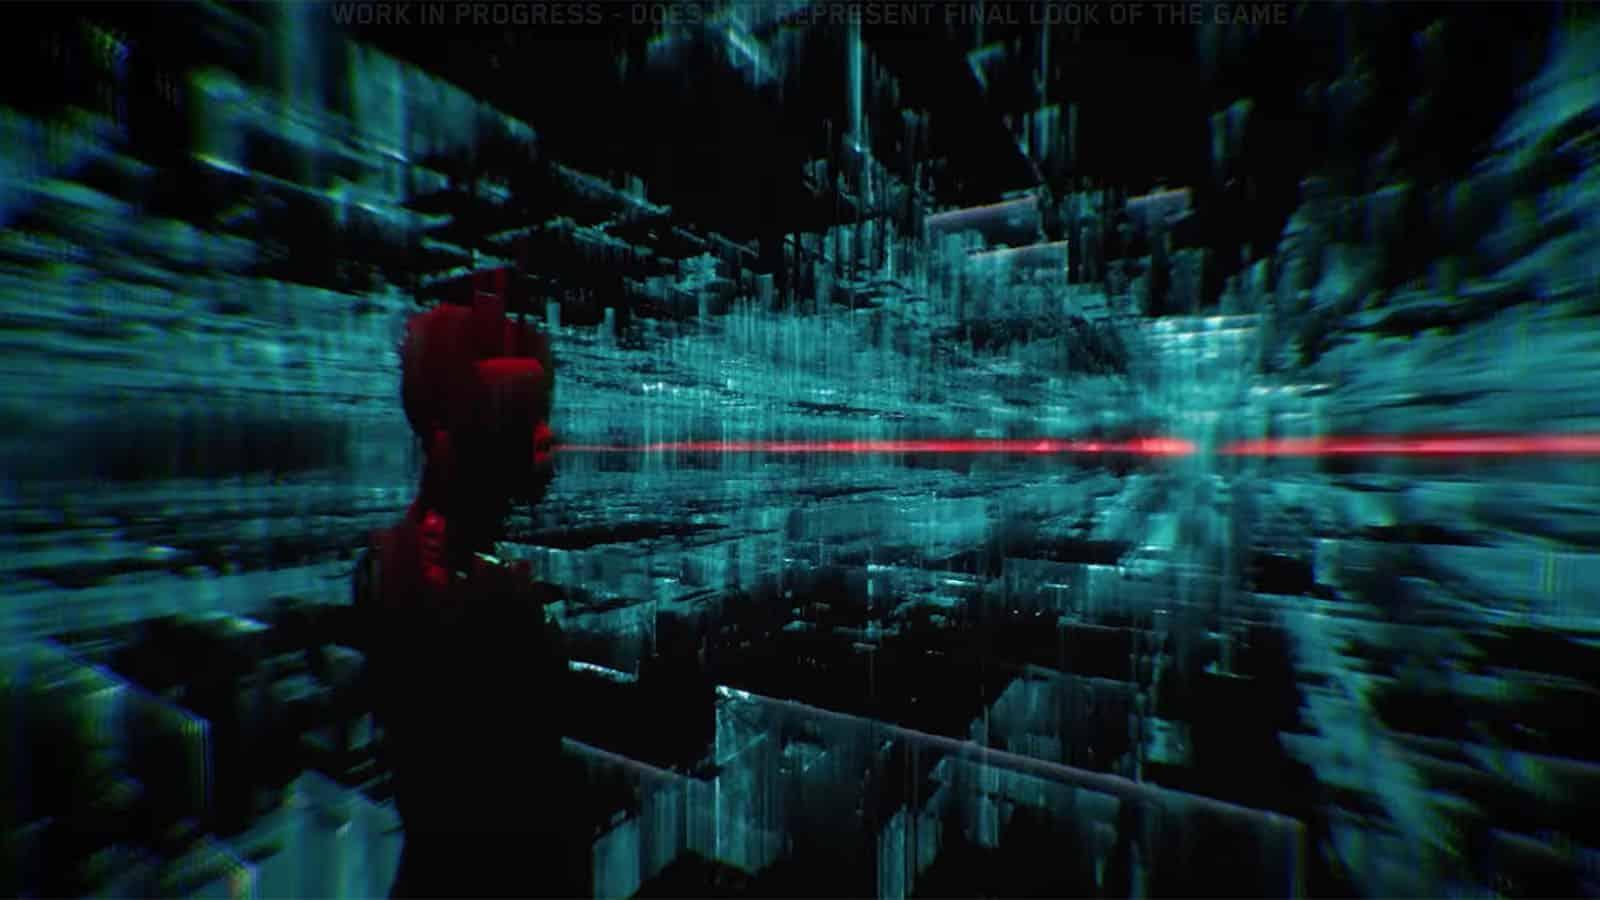 Cyberpunk 2077 hacking net